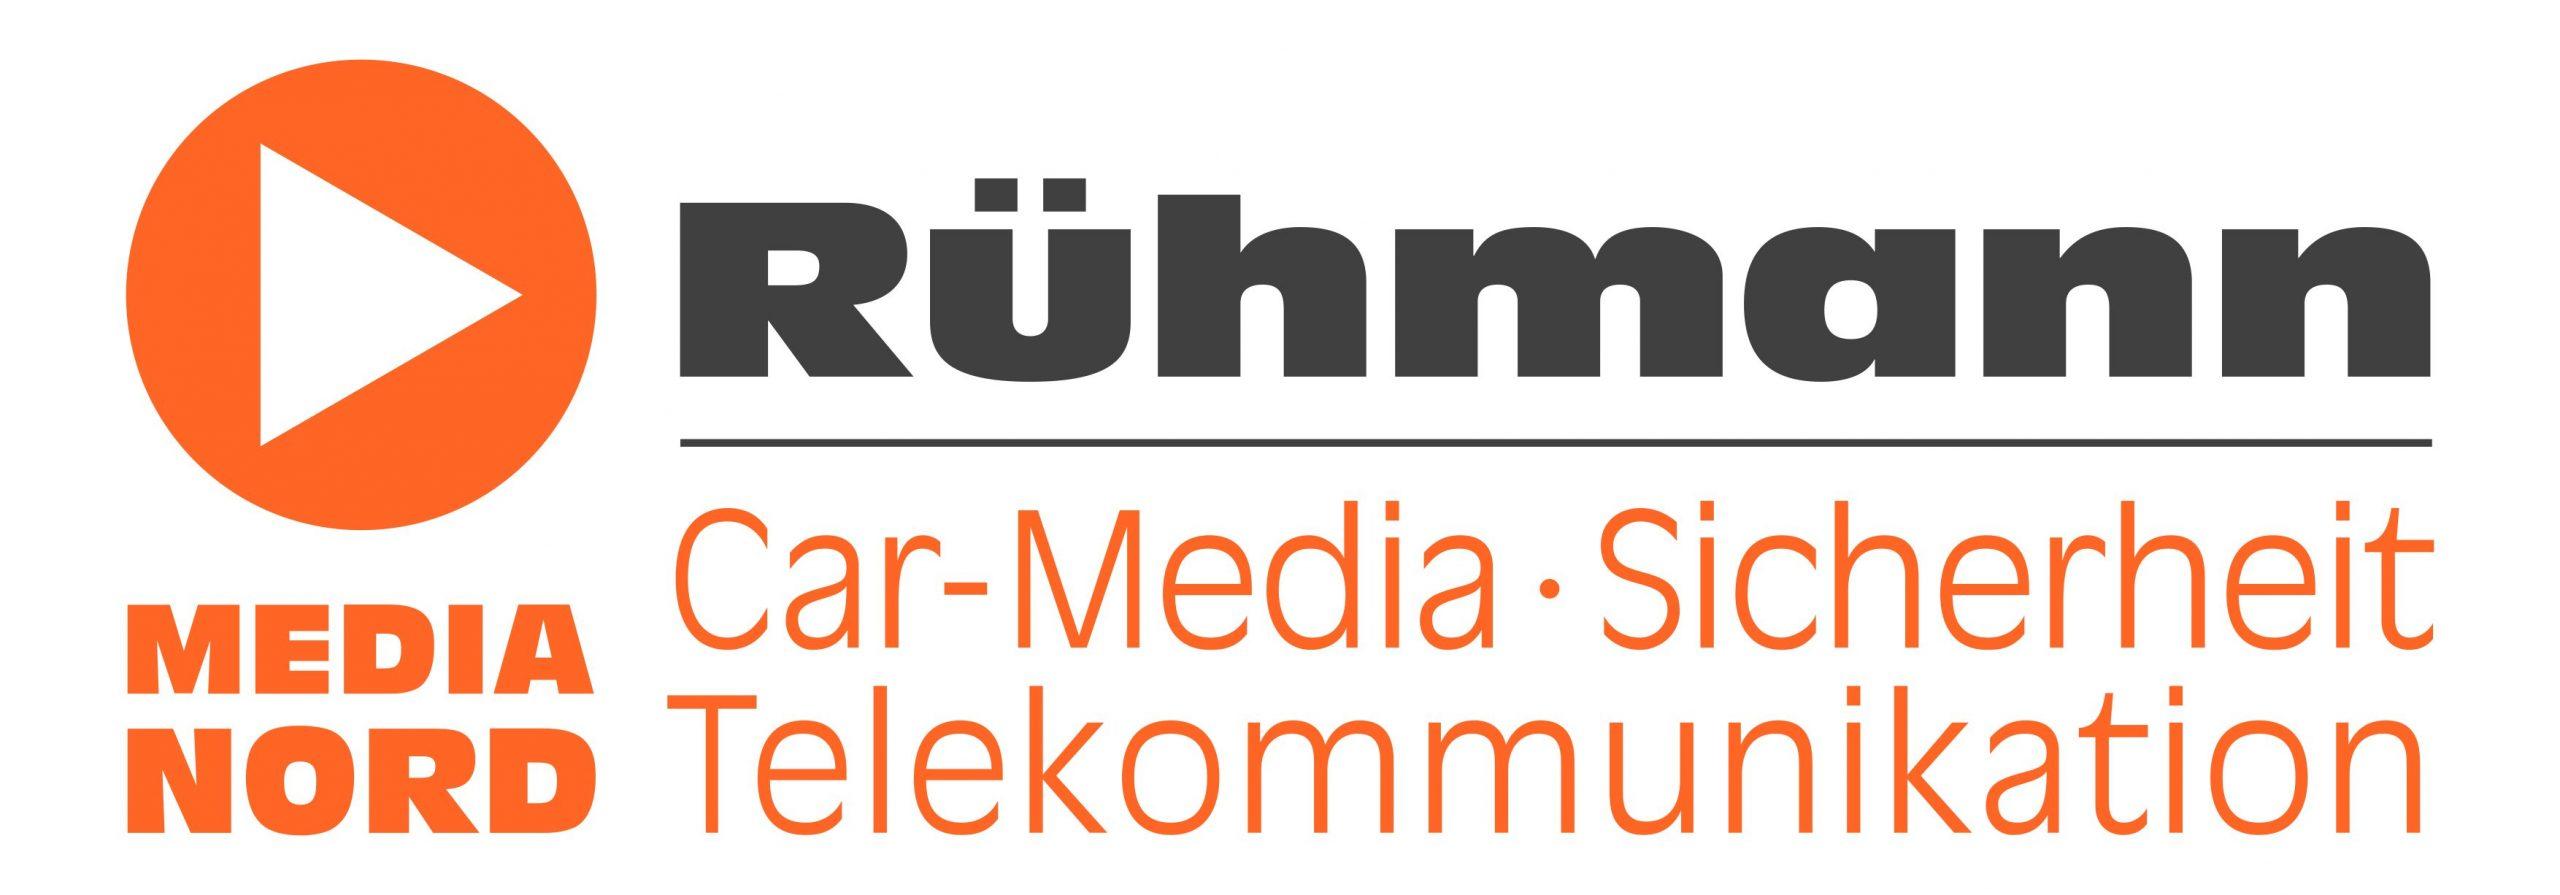 Car Media, Autosicherheit, Telekommunikation, Fahrzeugeinrichtung aus Kaltenkirchen bei Hamburg